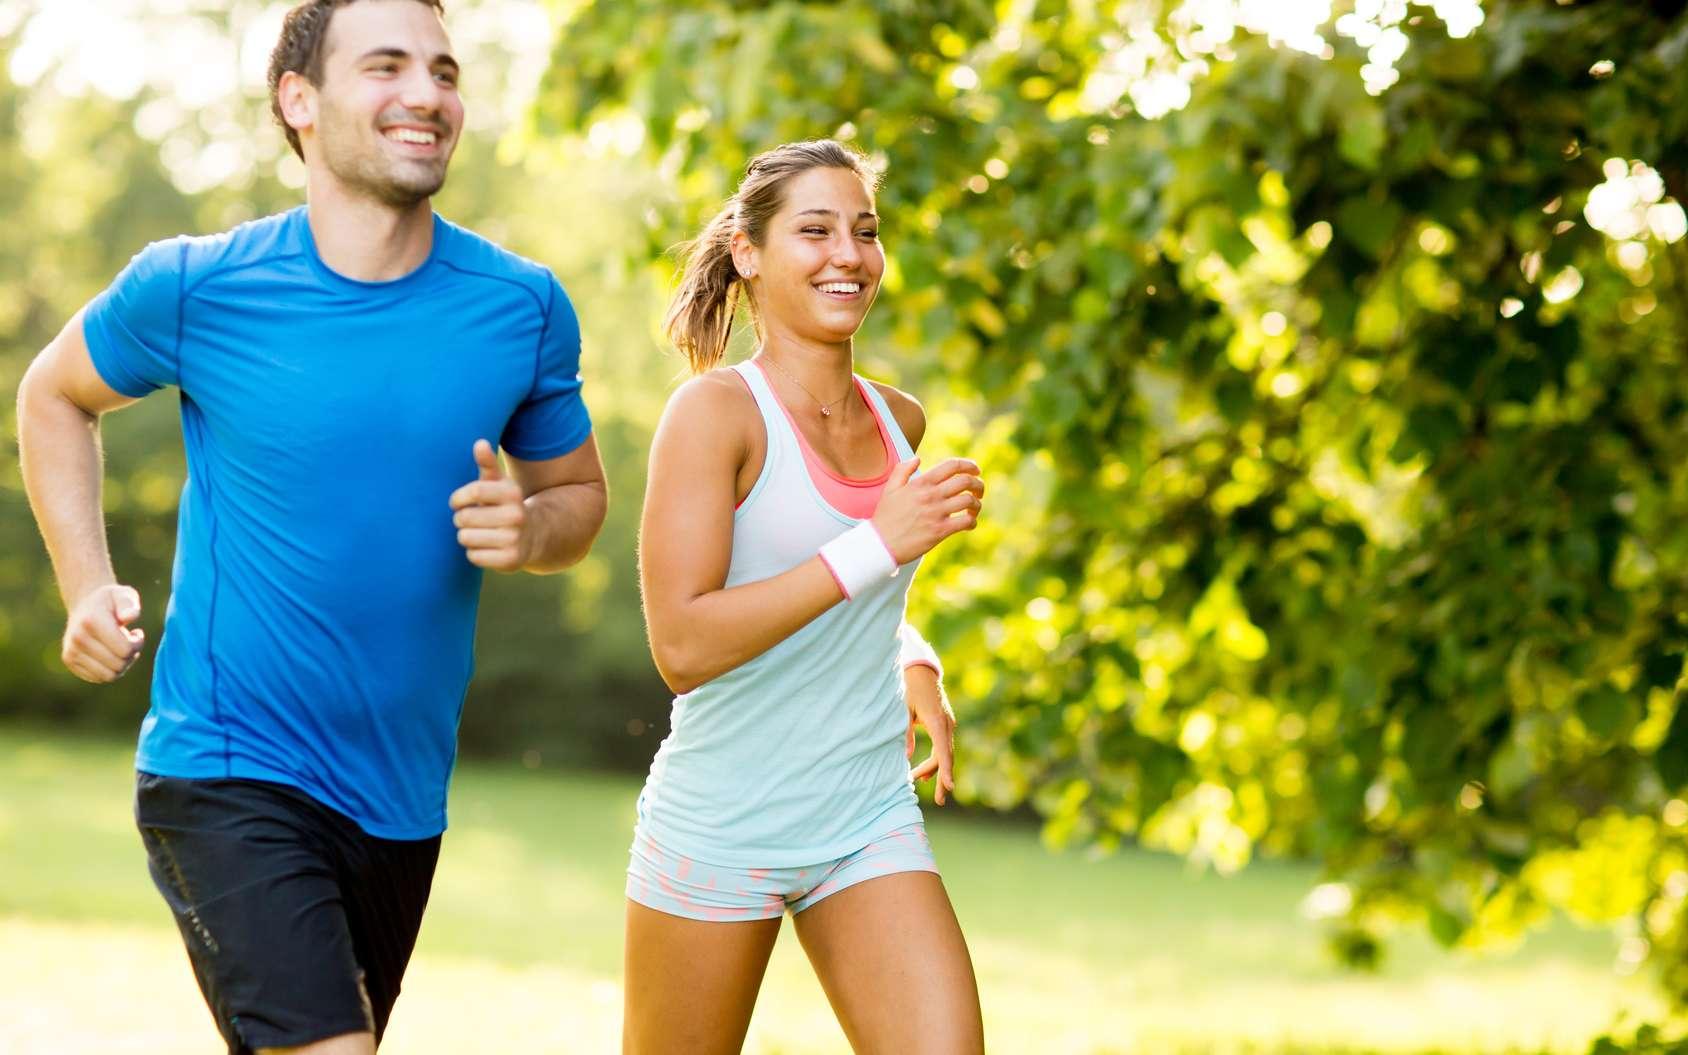 Le sport pourrait être utile dans la gestion du syndrome de fatigue chronique. © Boggy, Fotolia